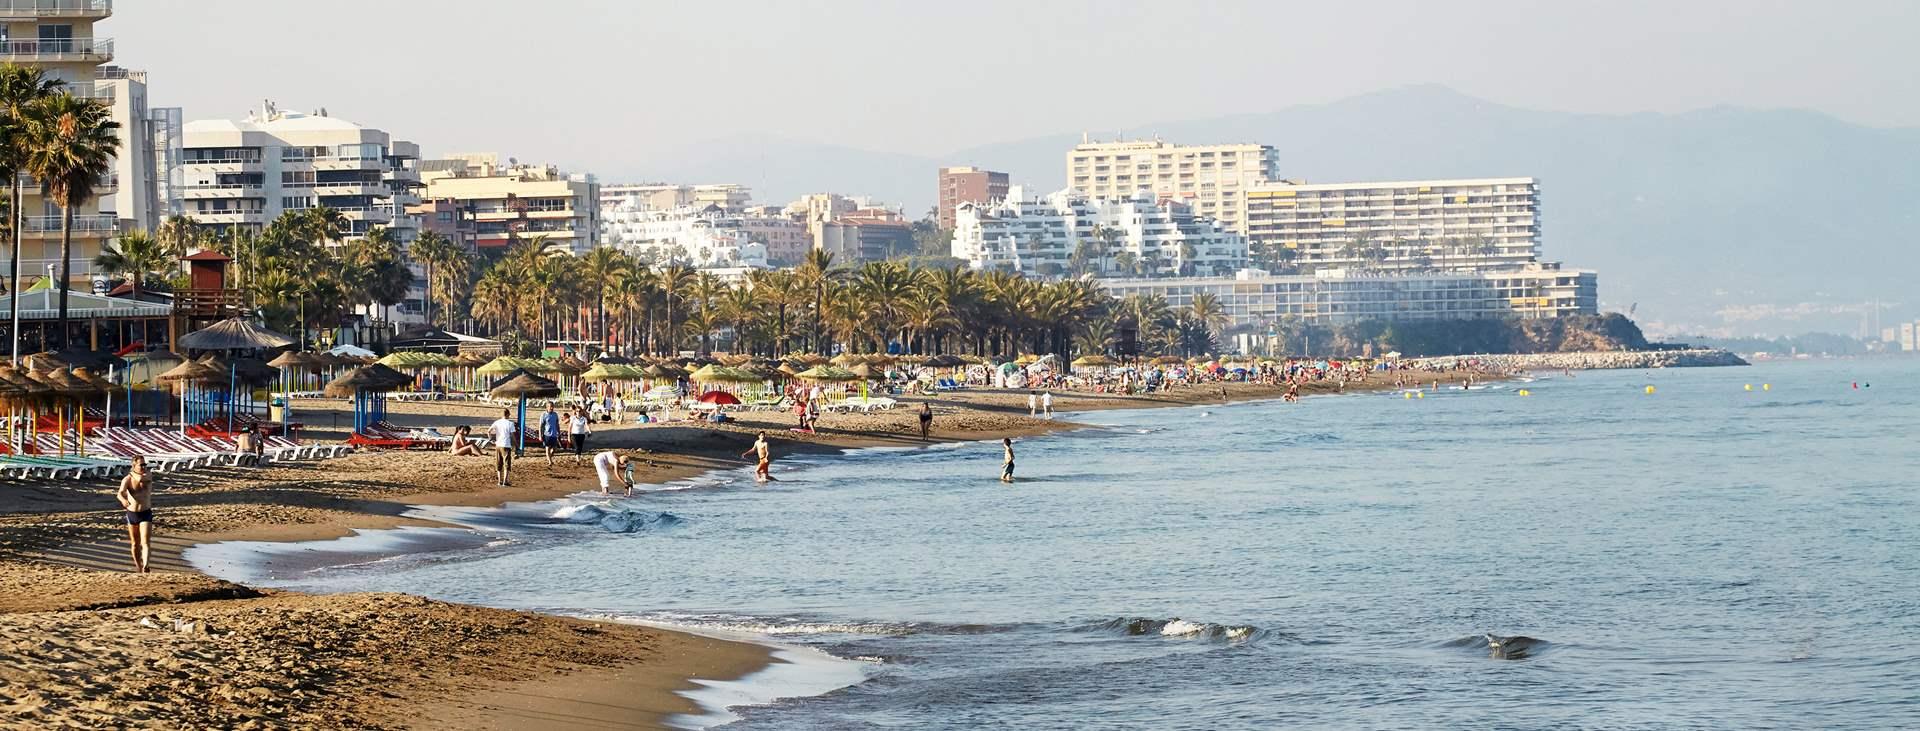 Boka din resa till Benalmadena på Costa del Sol med Ving